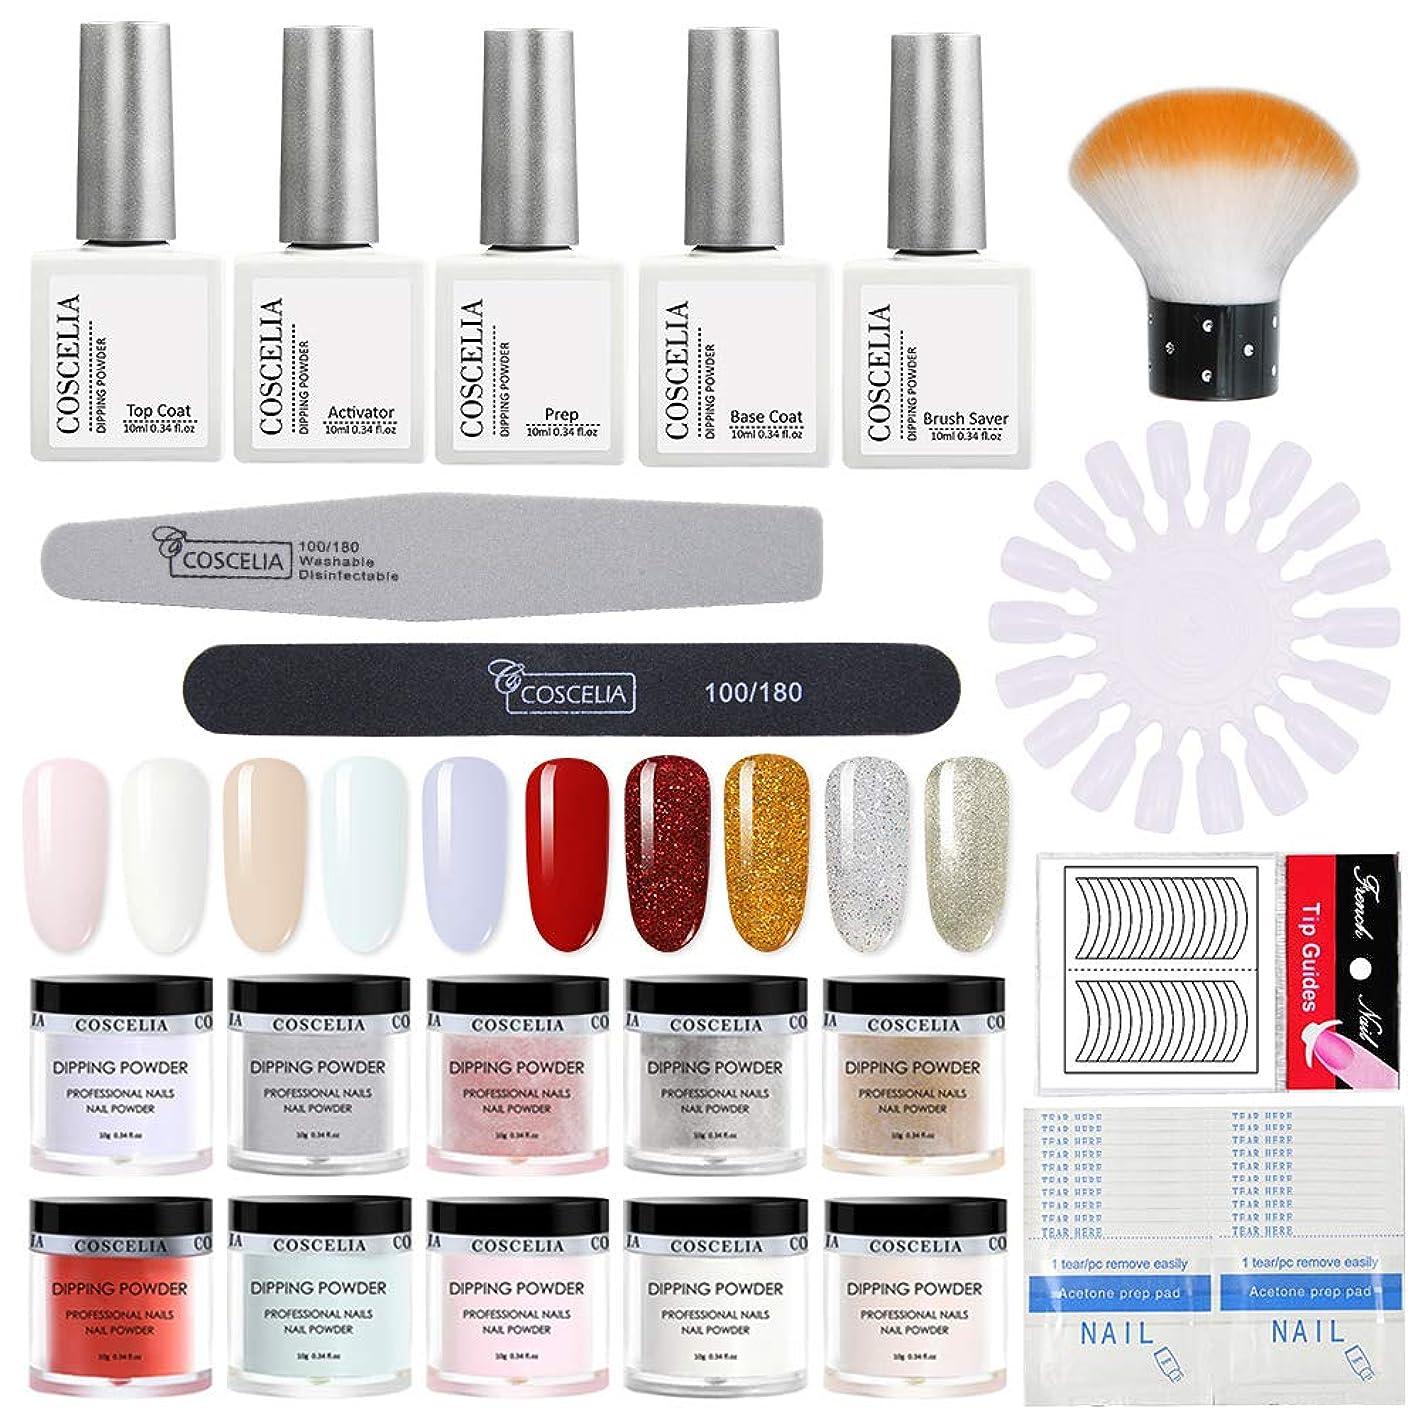 苦痛閲覧する感性浸漬パウダーカラー ディッピングパウダー 10色ネイルパウダーセット UV/LEDライトを必要がない ネイルデザインパウダー 自宅ネイル セルフネイルキット